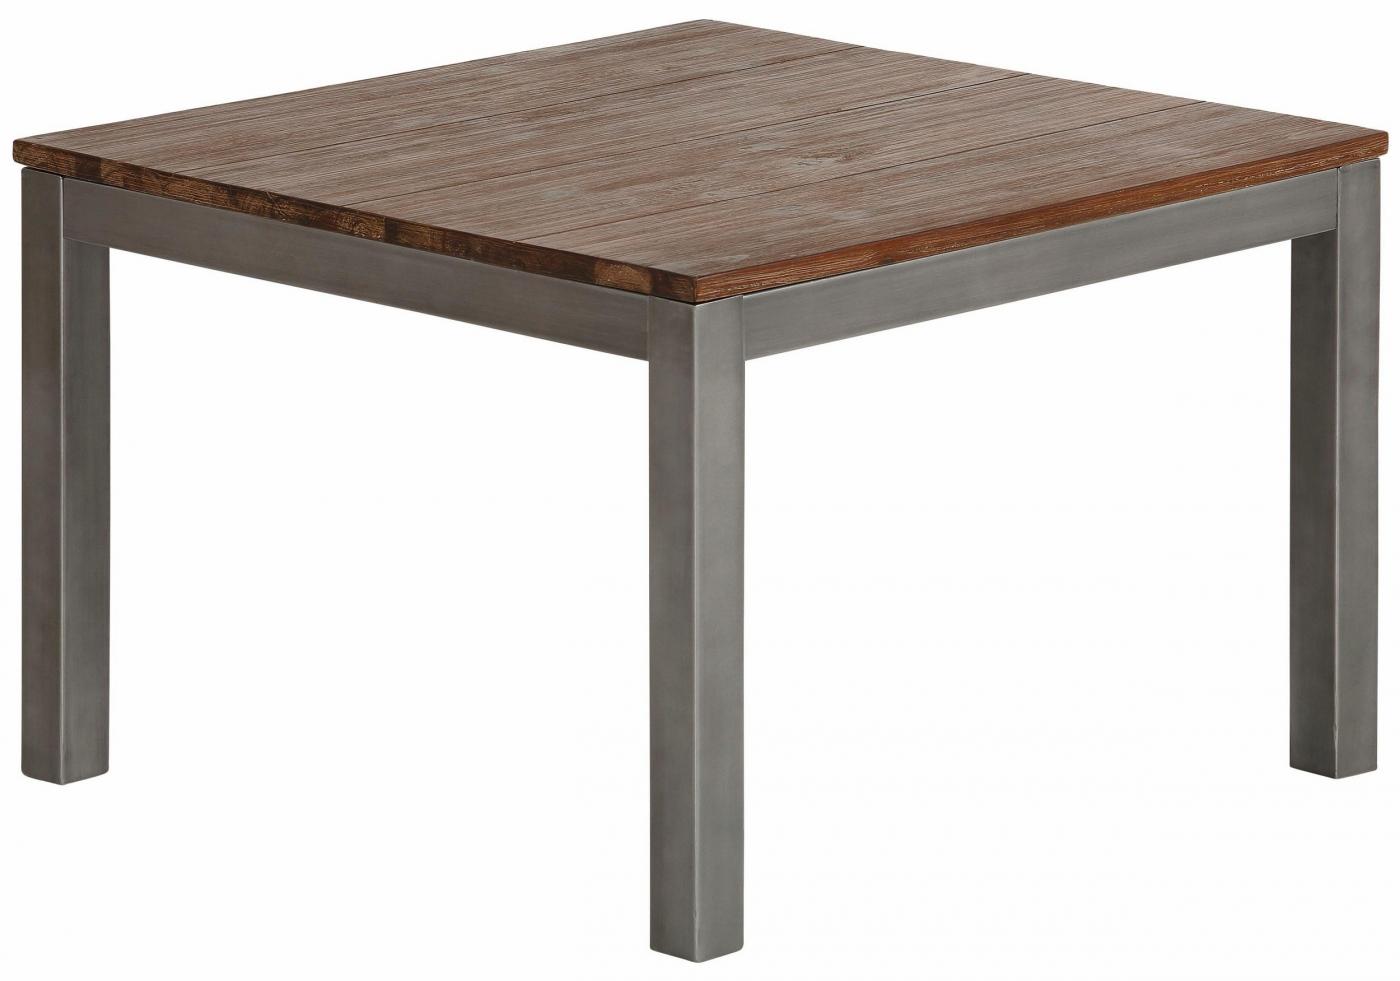 Konferenční stolek Conge, 60 cm, hnědá